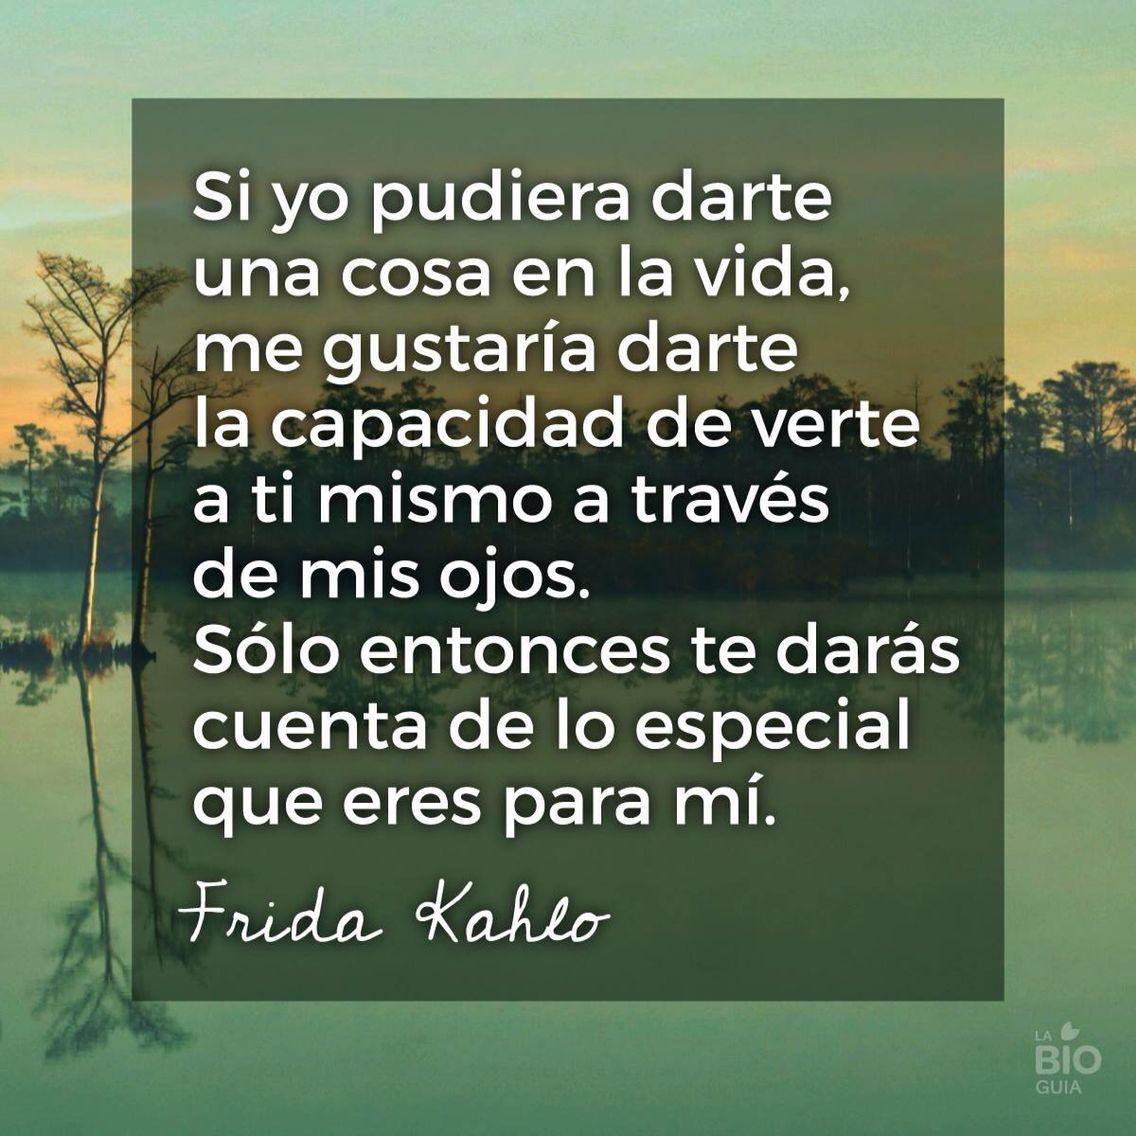 Magdalena Carmen Frida Kahlo Calder³n más conocida o Frida Kahlo Coyoacán 6 de julio de 13 de julio de fue una pintora y poetisa mexicana de